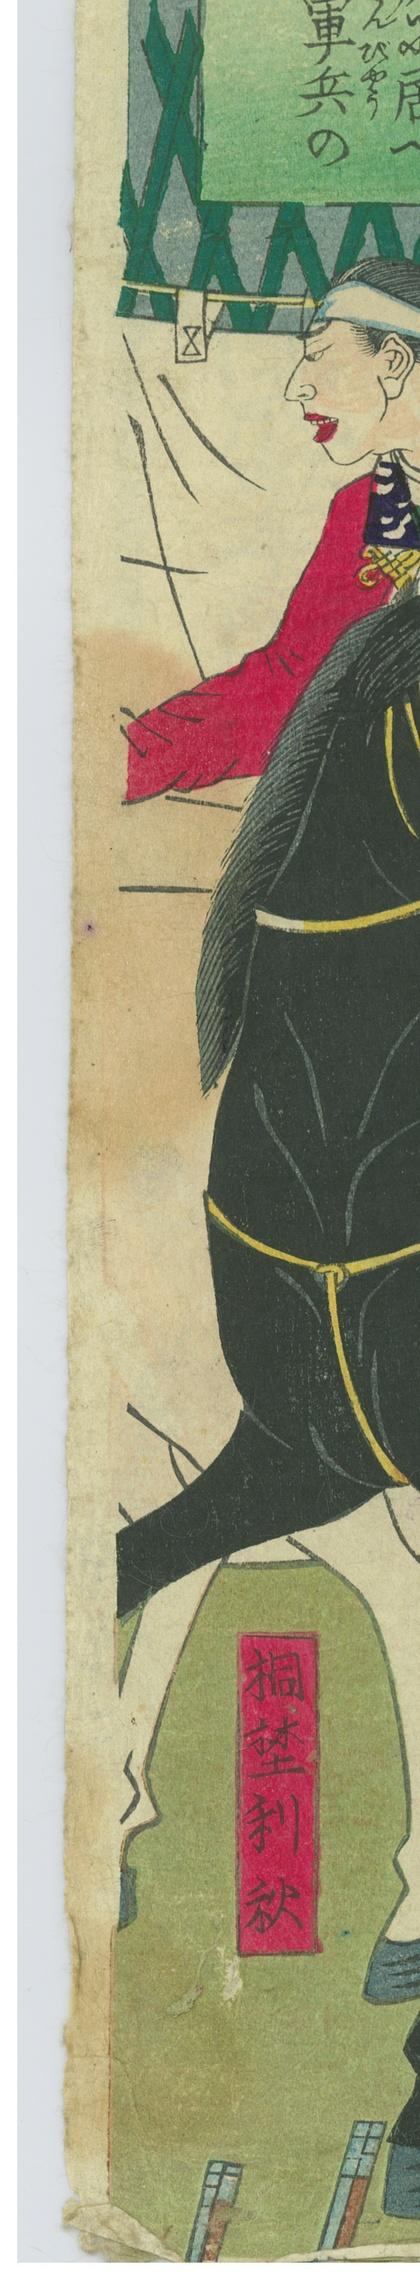 Original Woodblock Print Samurai Uprising